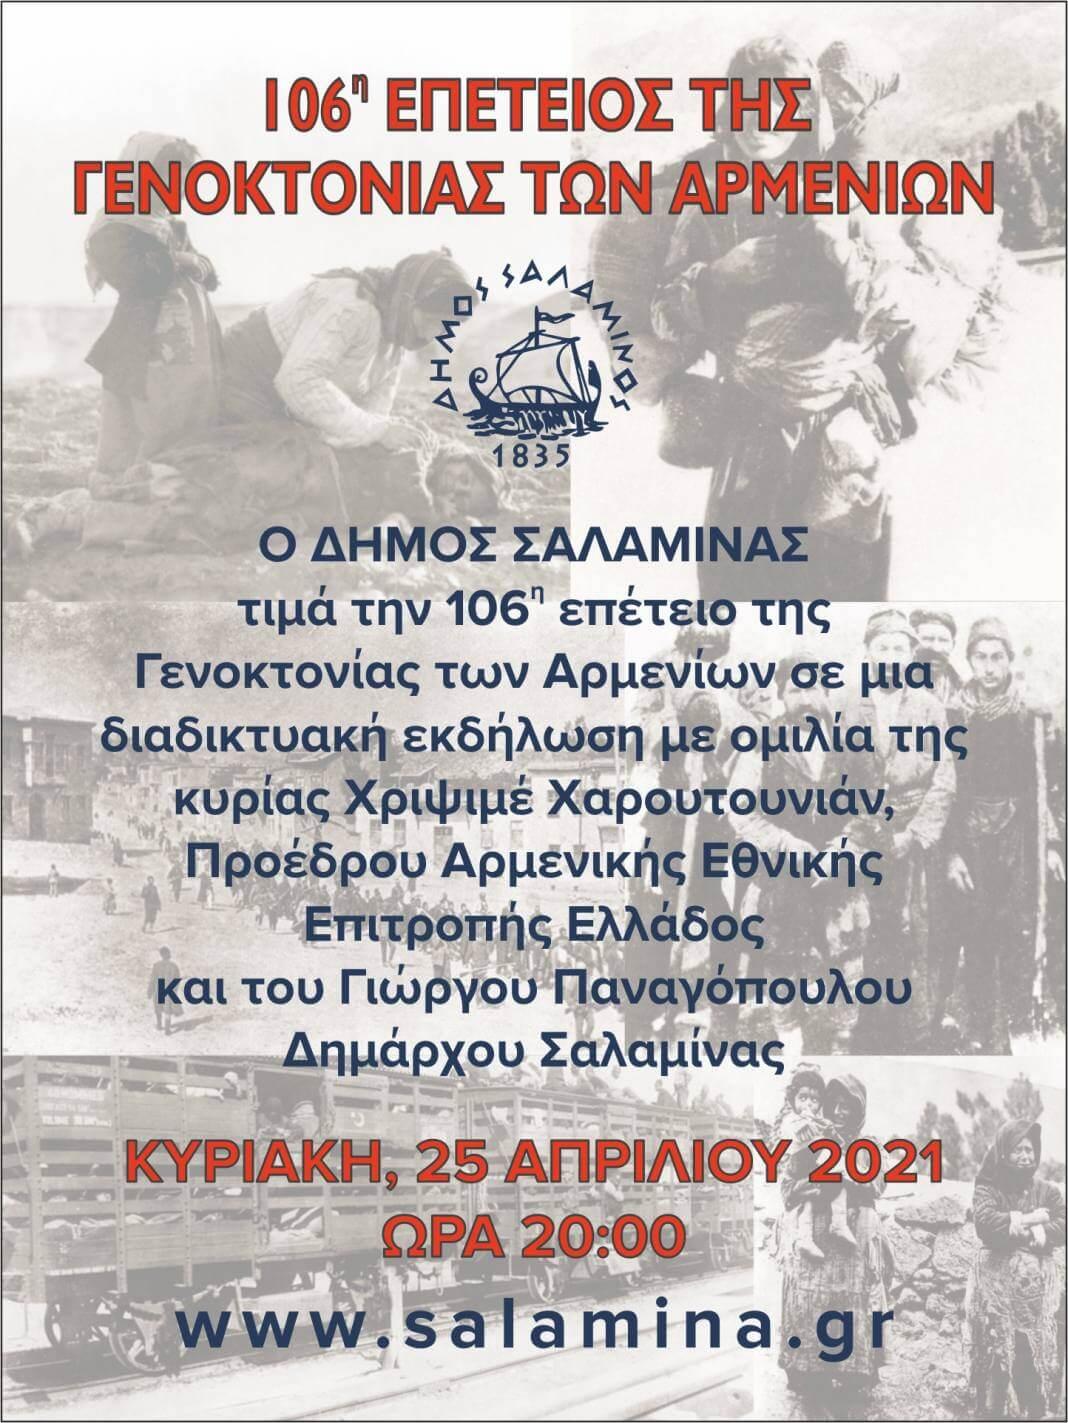 Δήμος Σαλαμίνας: Διαδικτυακή Εκδήλωση για την 106η Επέτειο της Γενοκτονίας των Αρμενίων